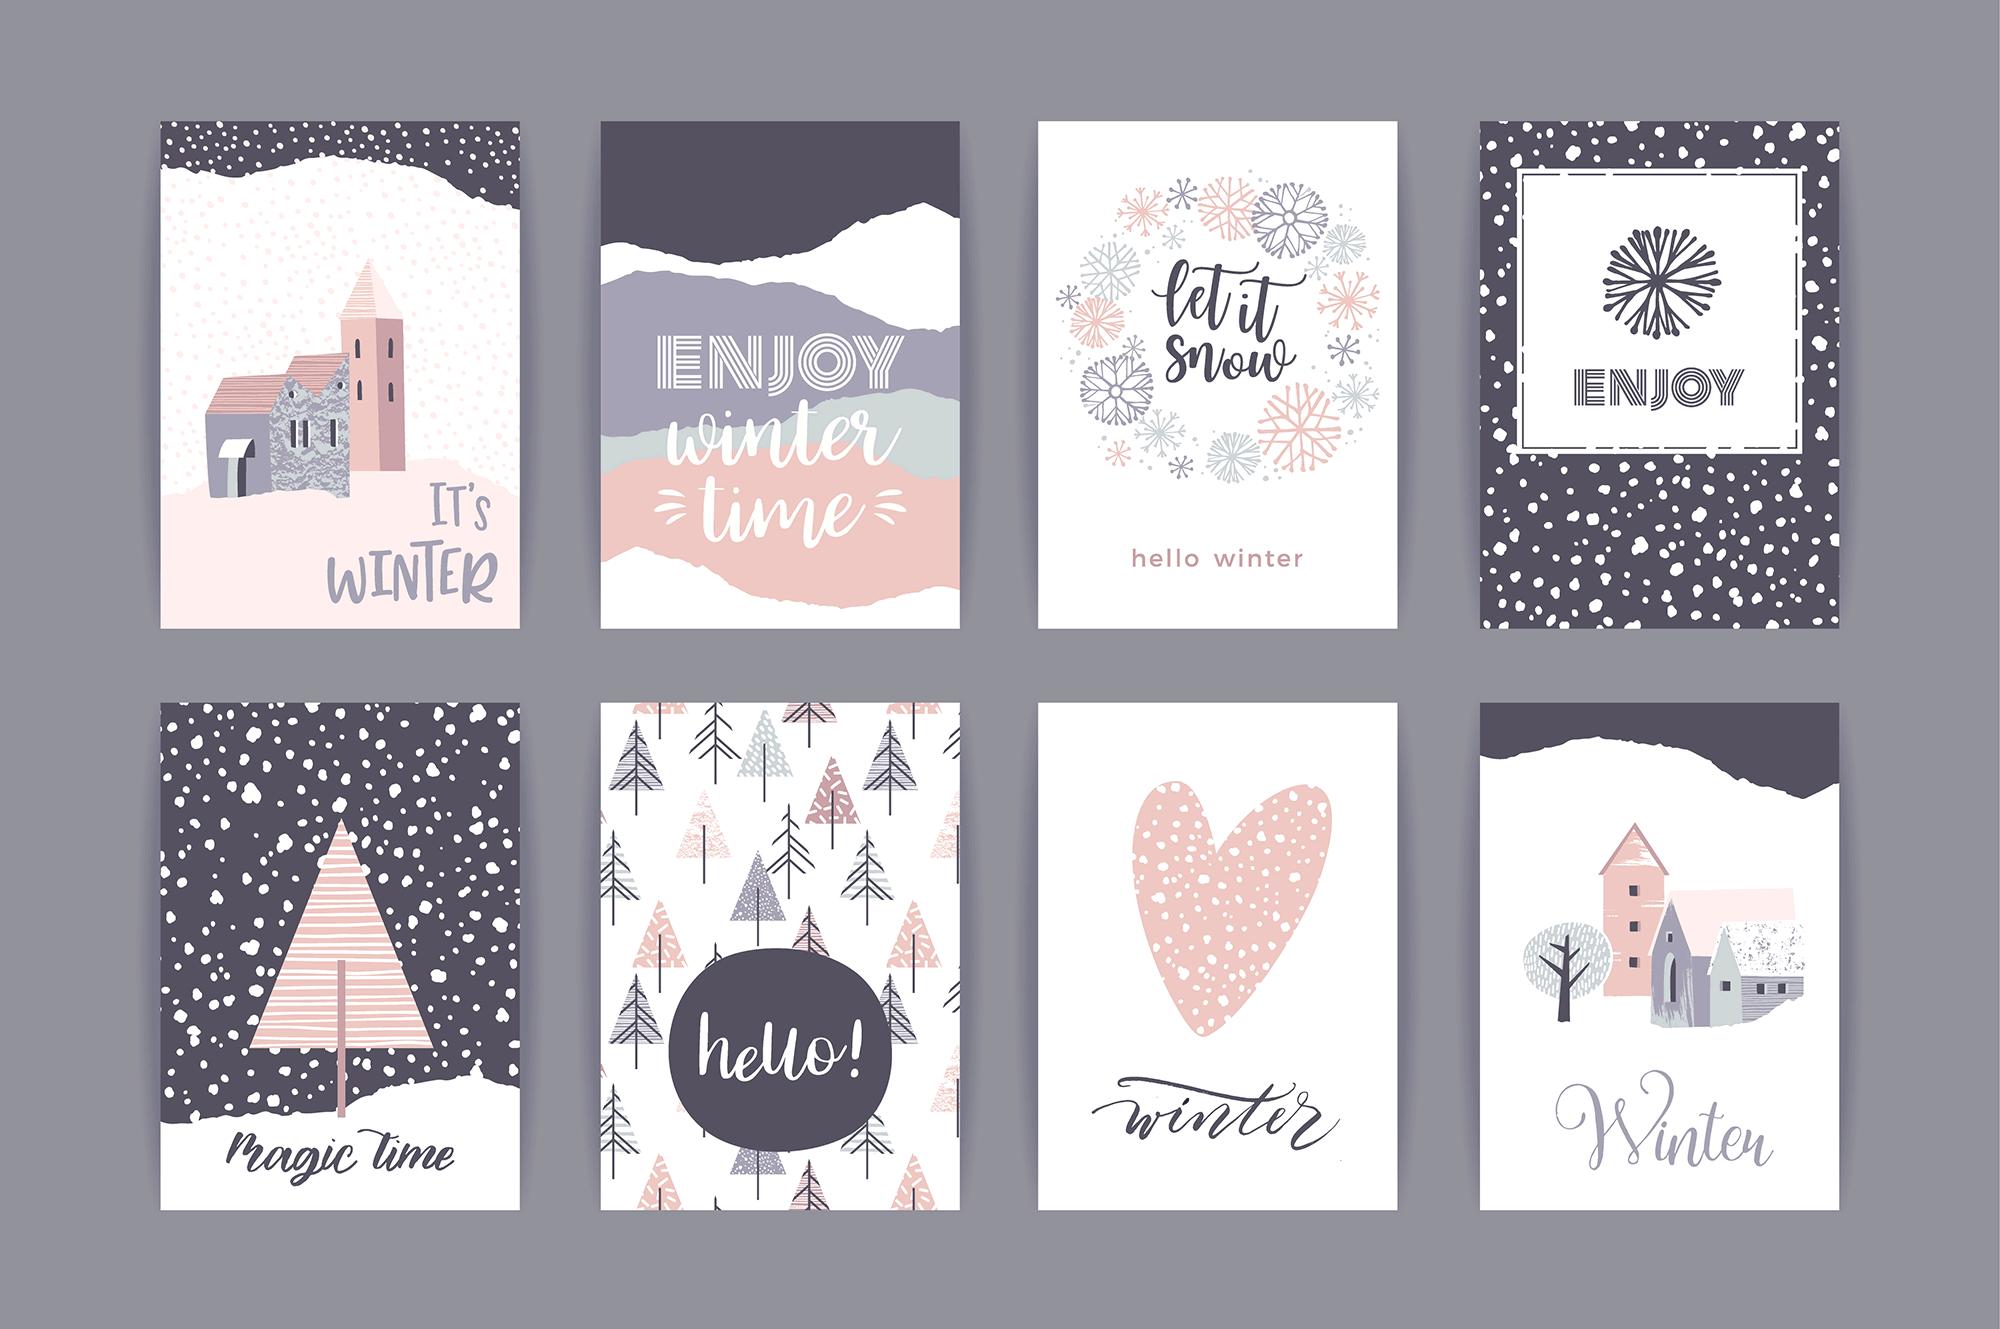 冬季创意卡片合集 Set of artistic creative winter cards设计素材模板